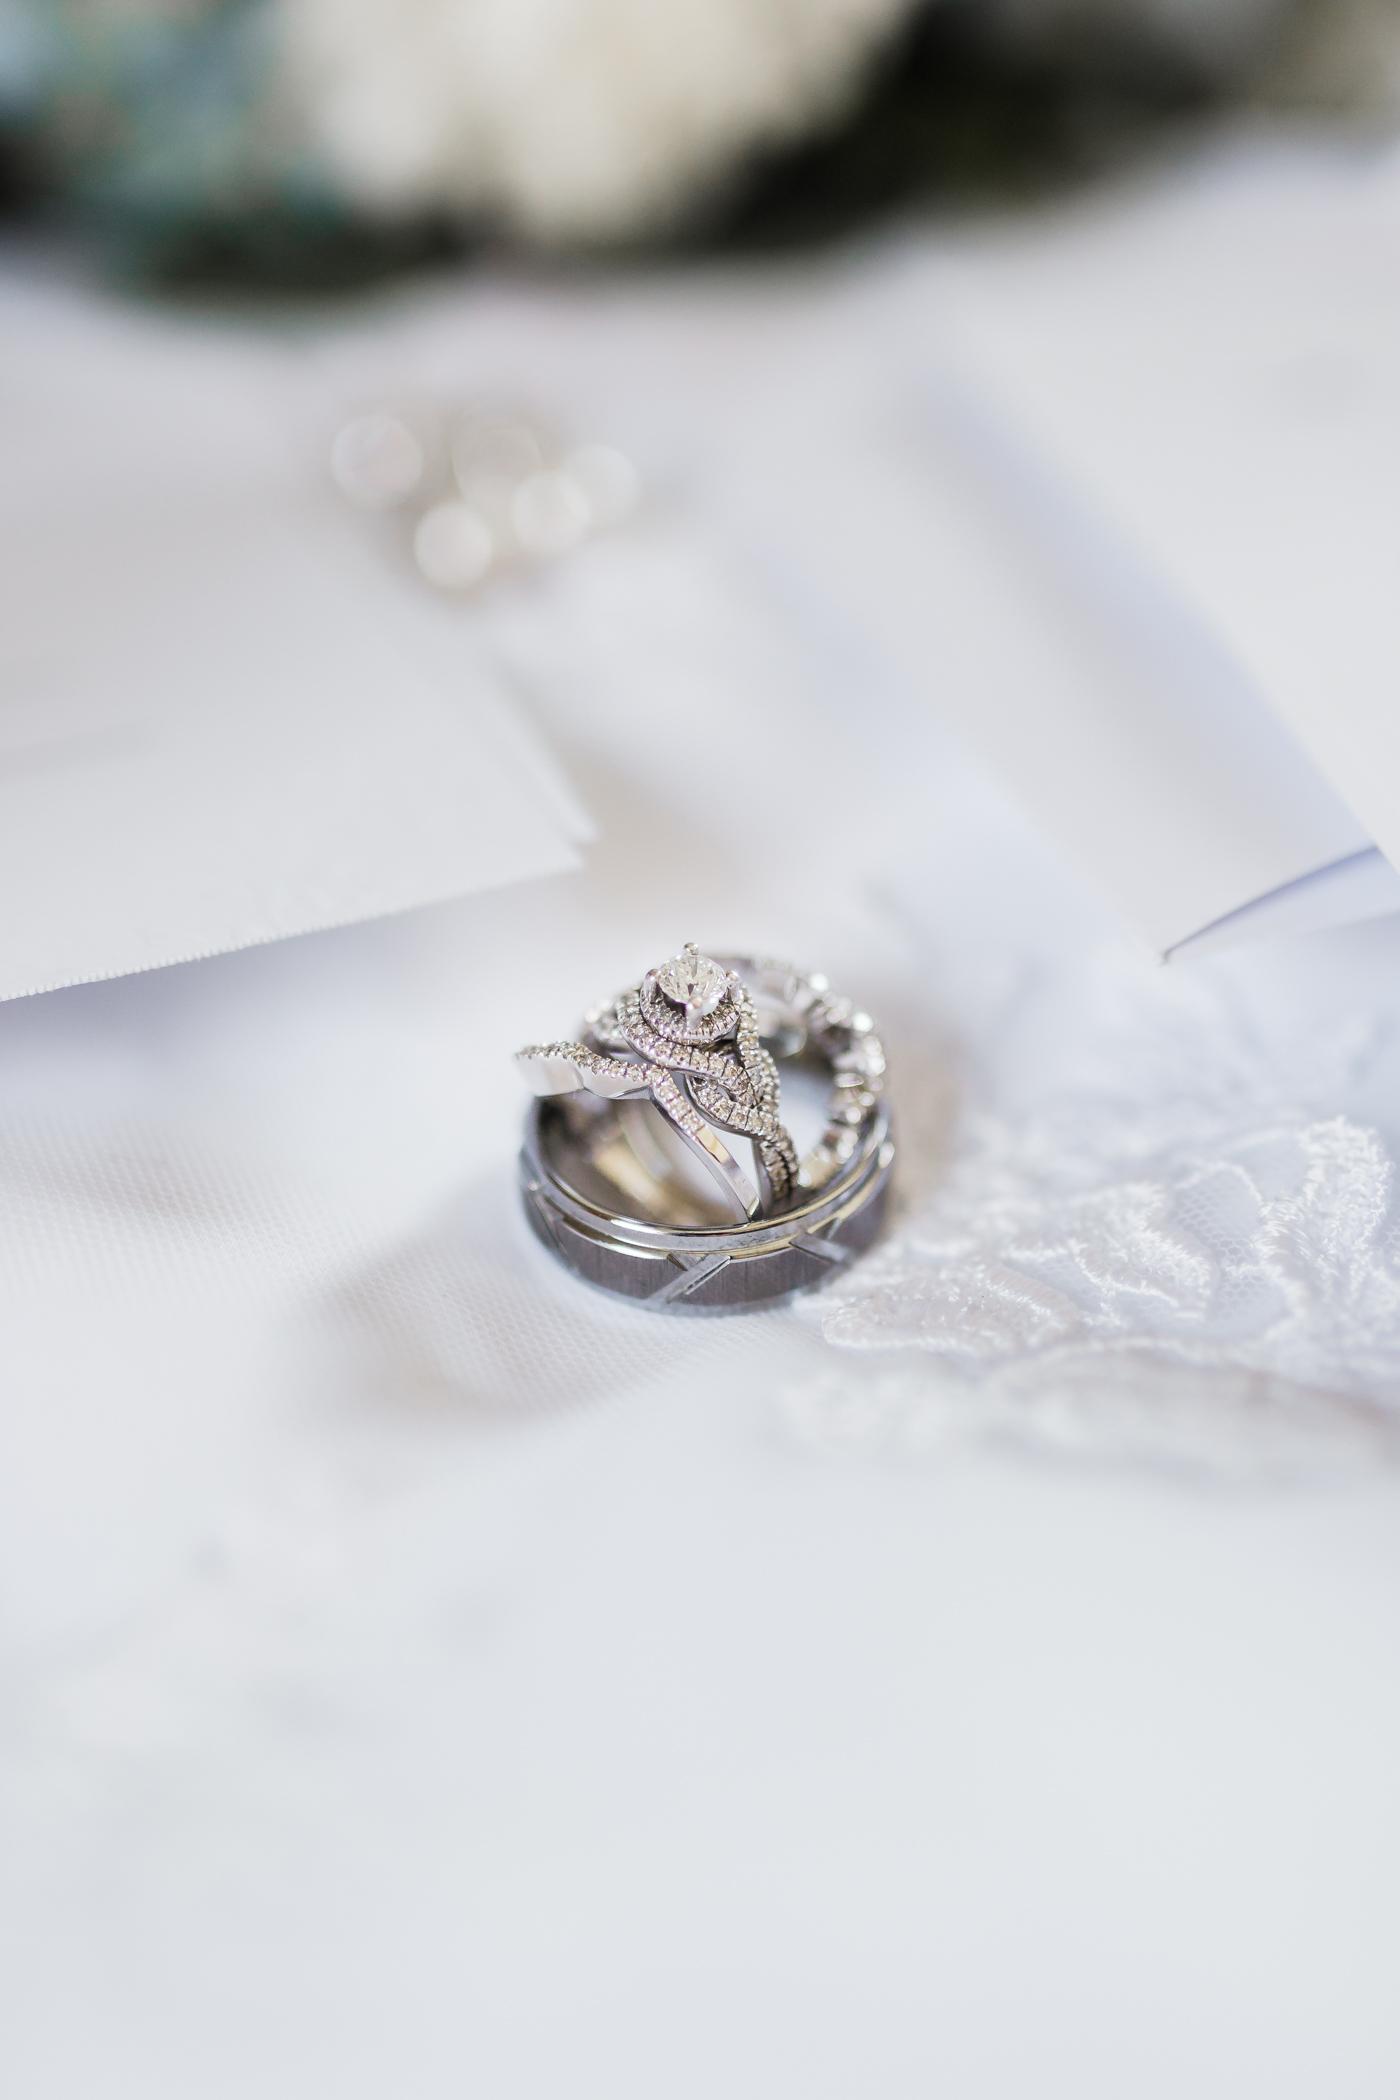 Bridal details of bride and groom wedding rings